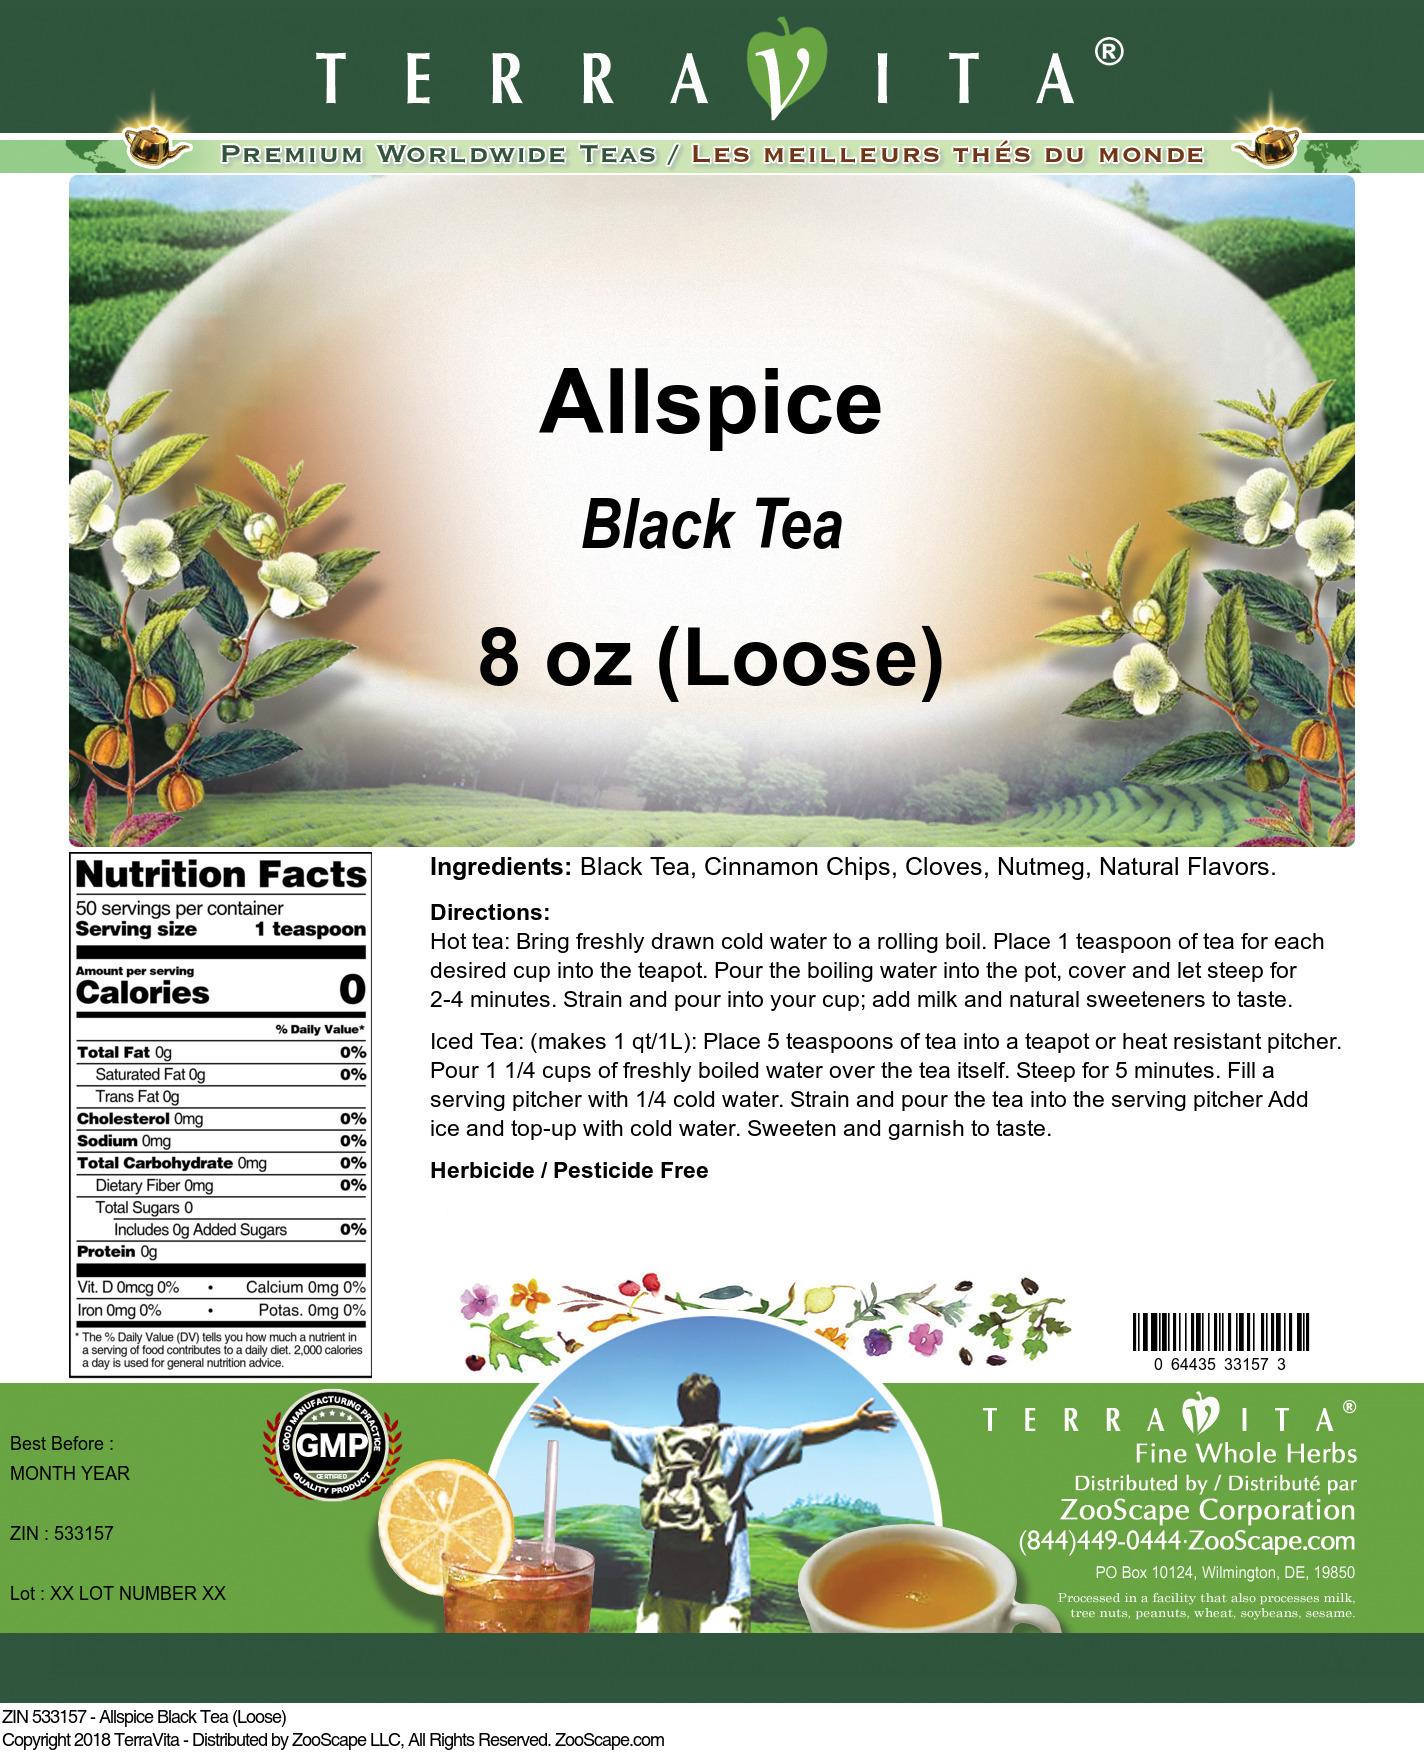 Allspice Black Tea